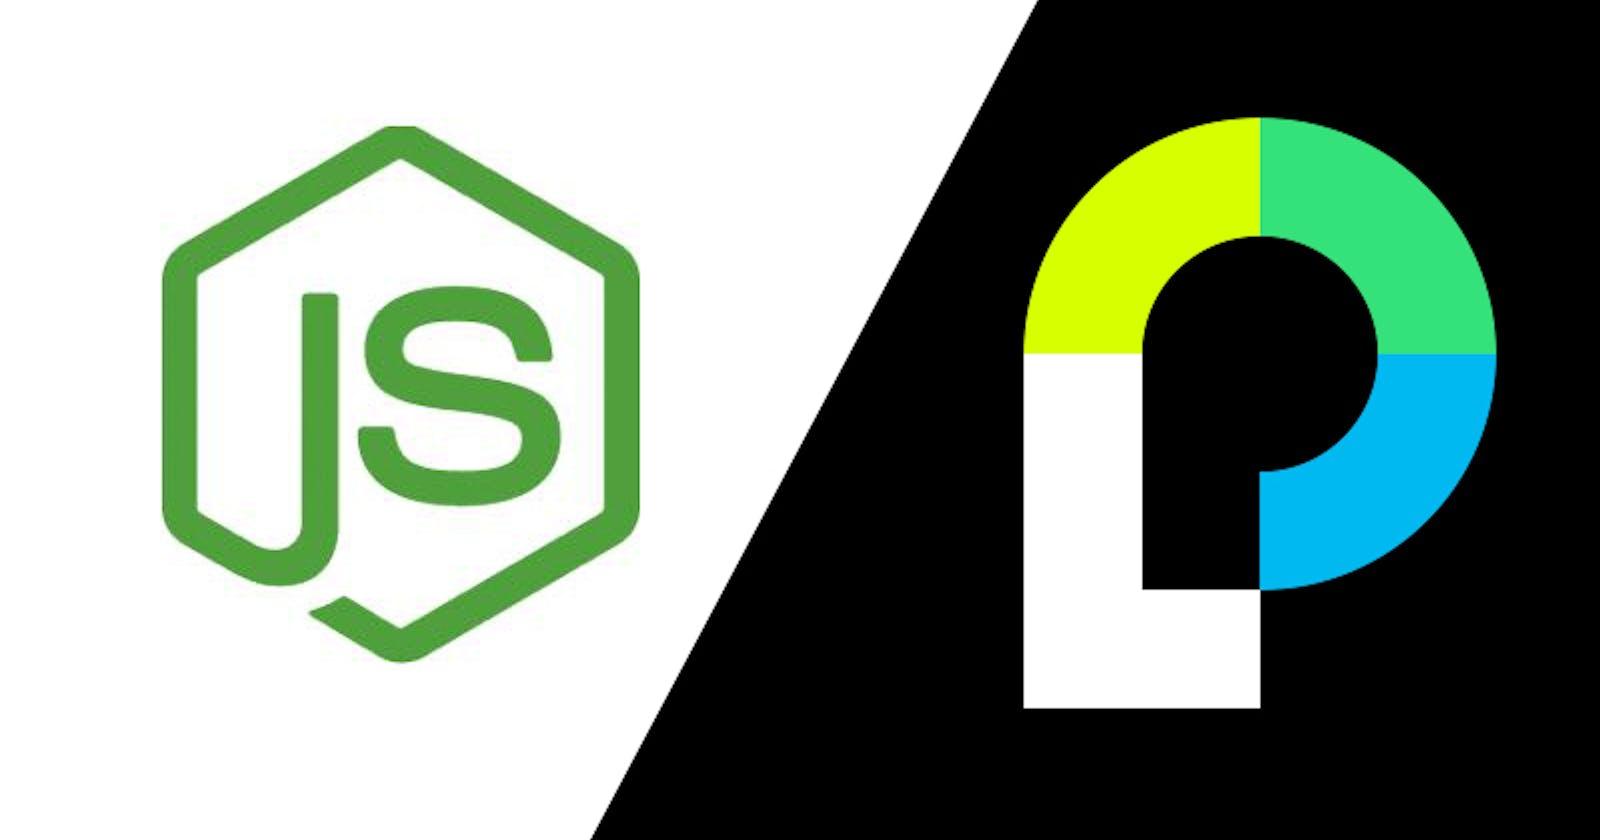 Node.js Login Service (express.js + passport)